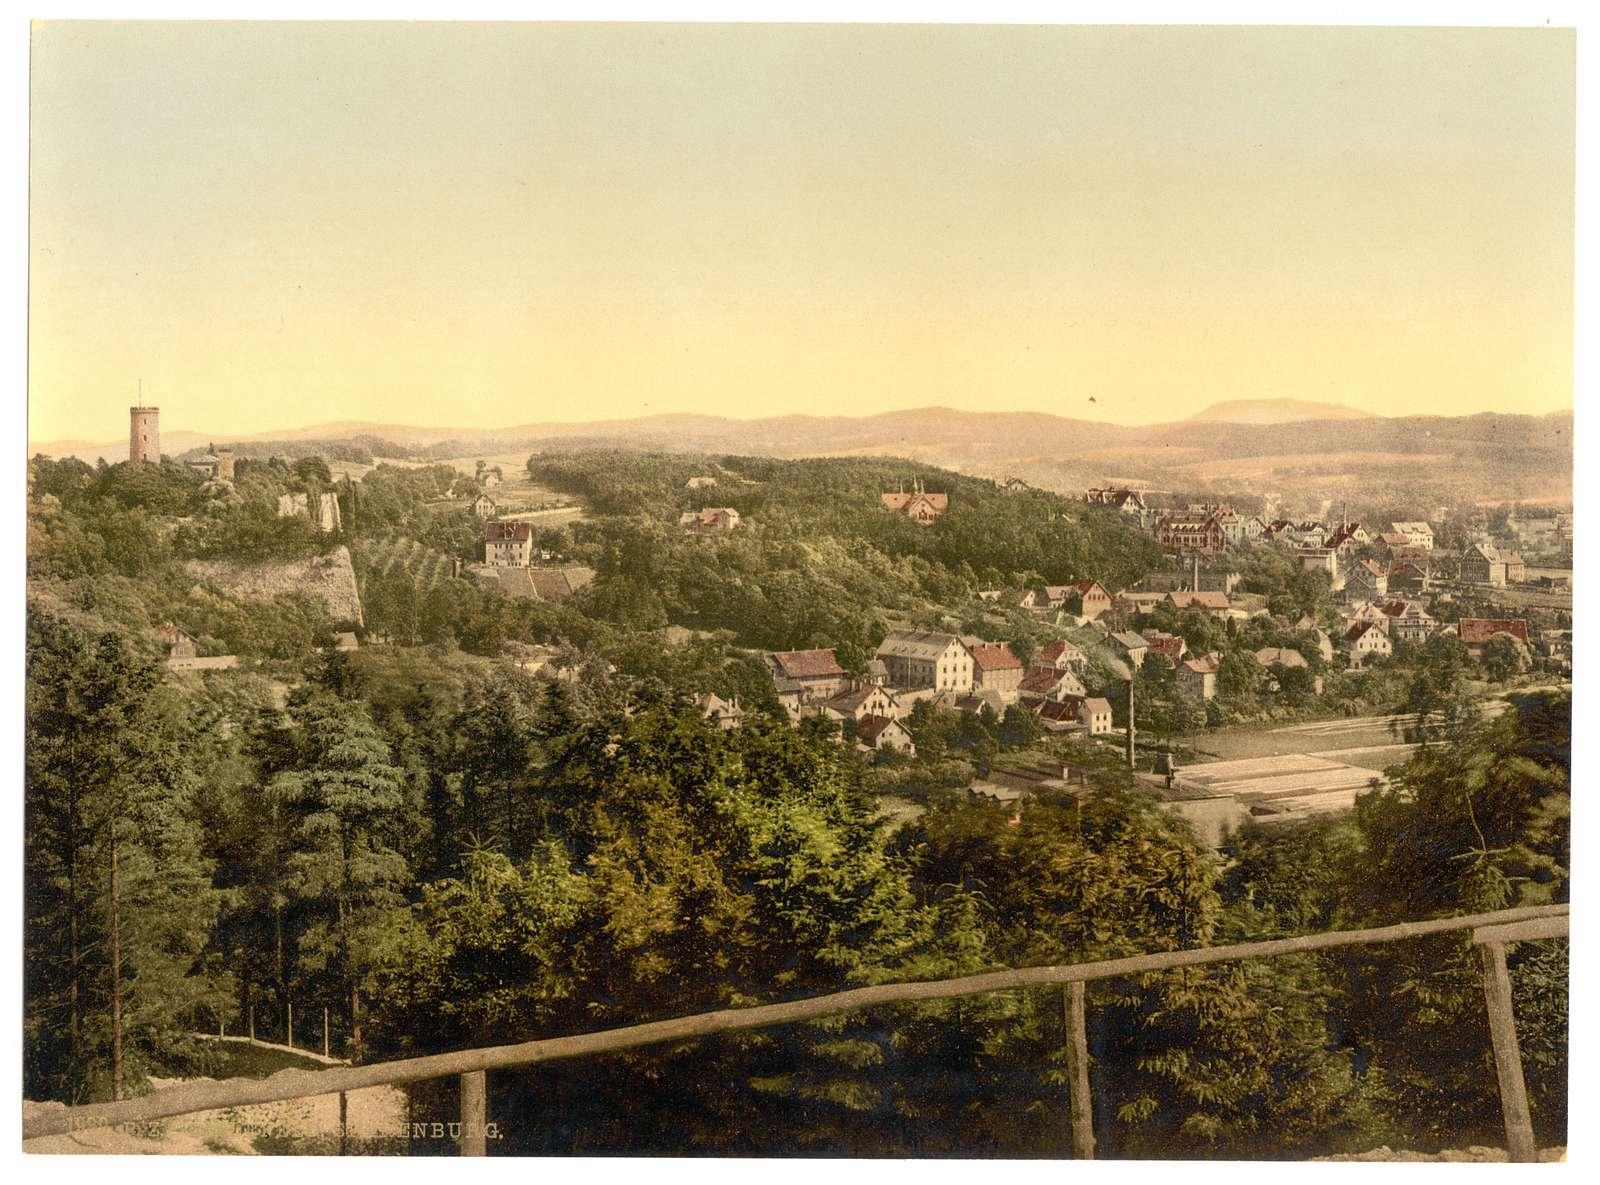 [Bielefield (i.e., Bielefeld), with Sparenburg, Westphalia, Germany]